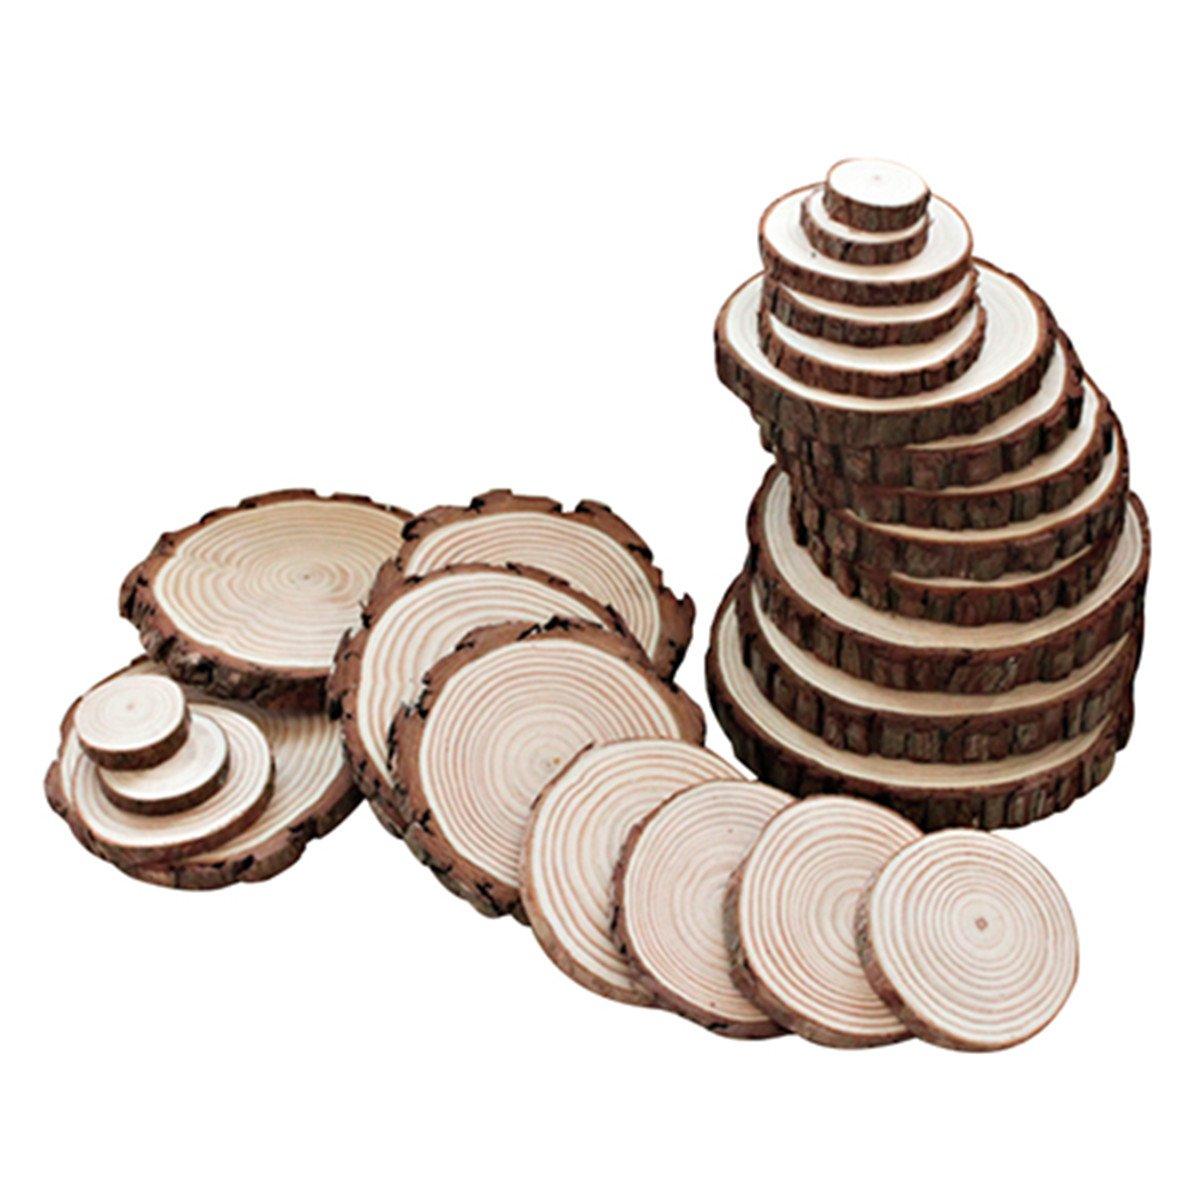 Sld Dischi di fette di legno per l'artigianato di fai da te, albero di pino Fette di alluminio 5-6cm, decorazione di cerimonia nuziale e del partito 25PCS Sunliday